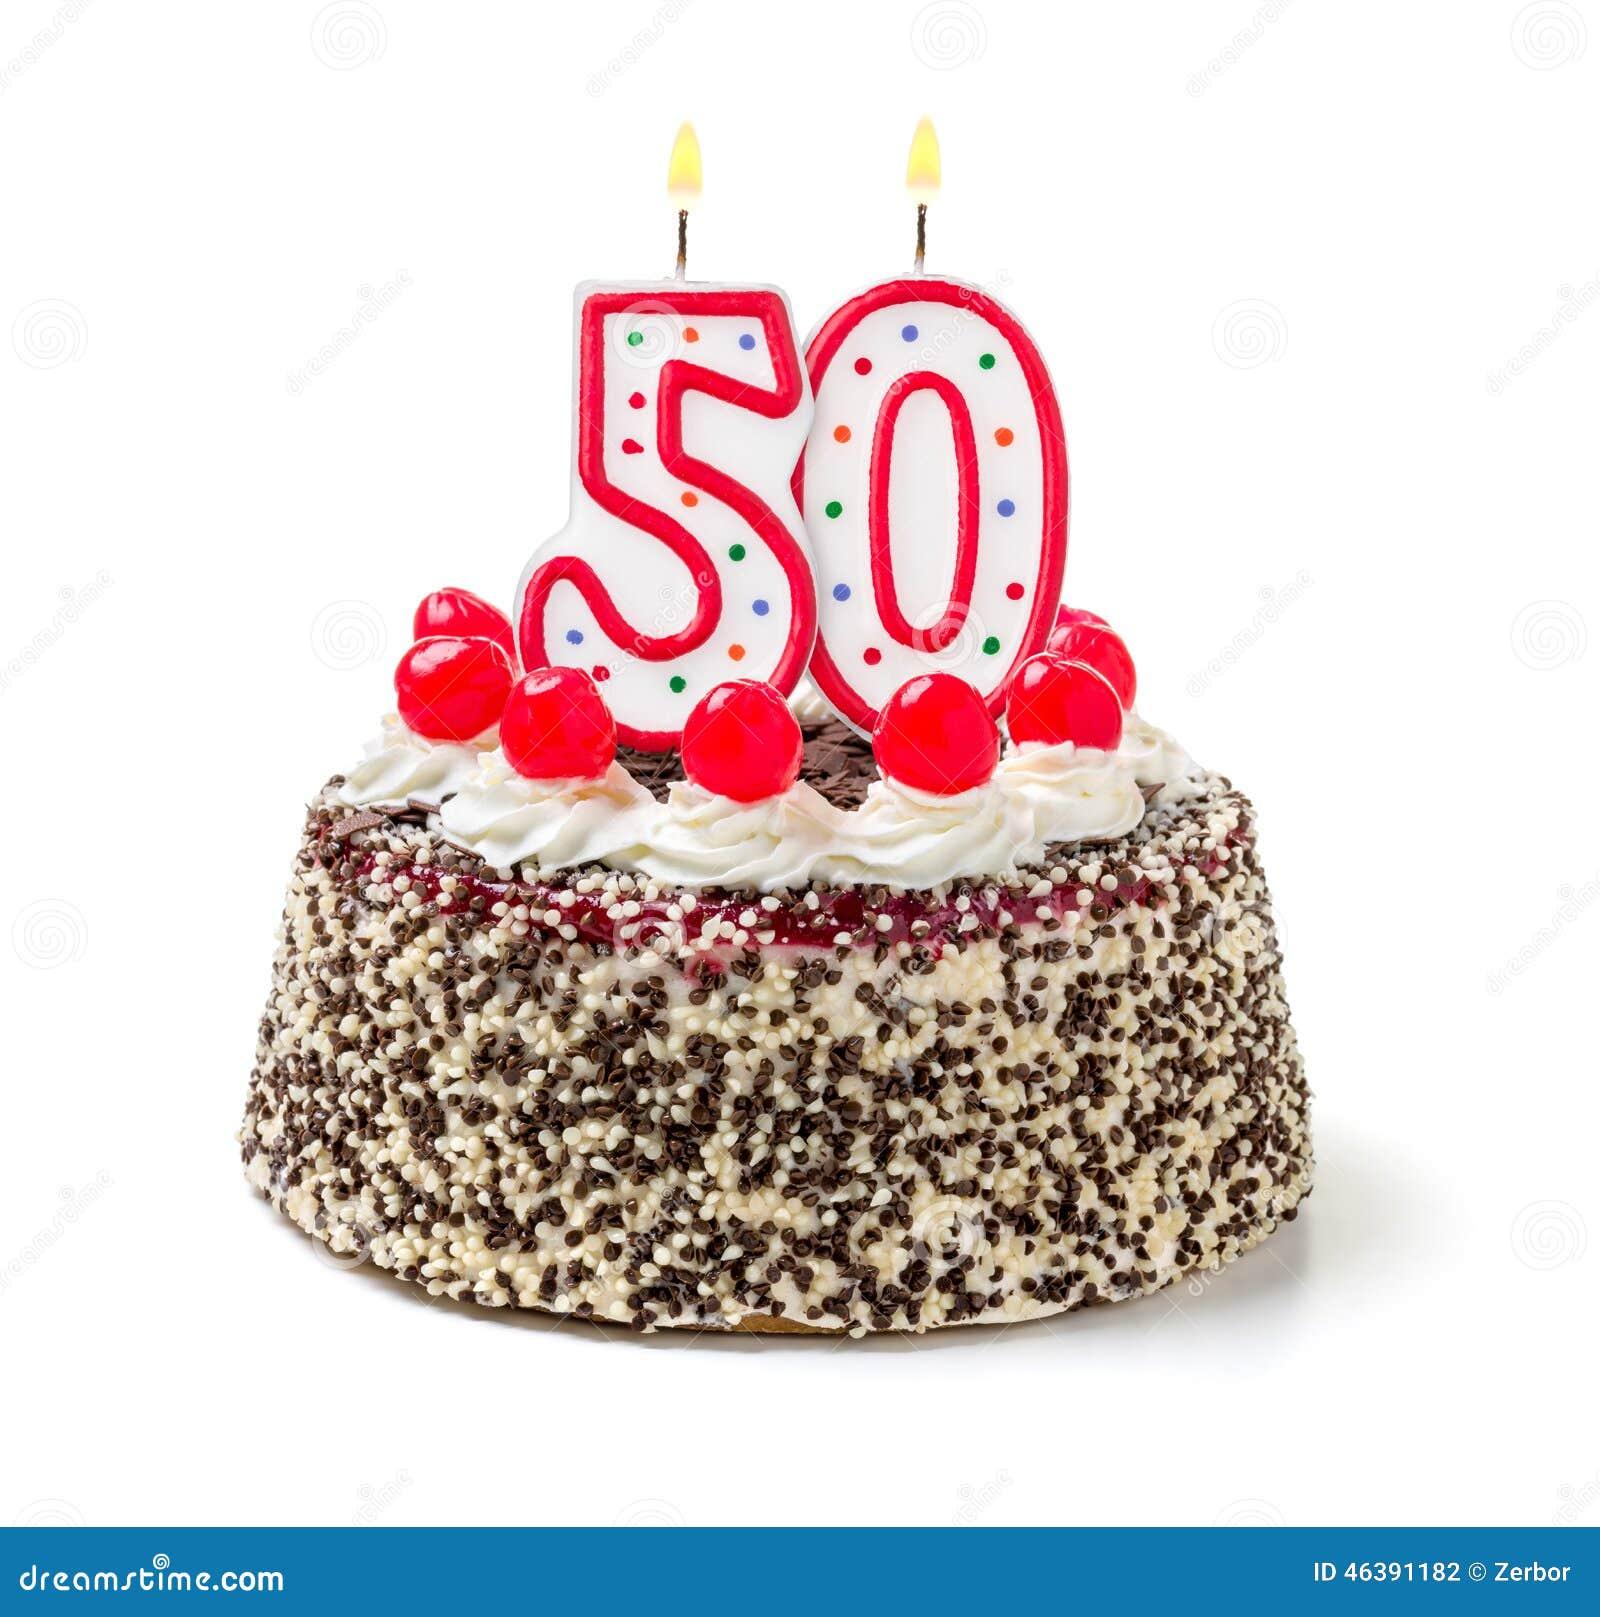 Geburtstagskuchen Mit Kerze Nr 50 Stockfoto Bild Von Brennen